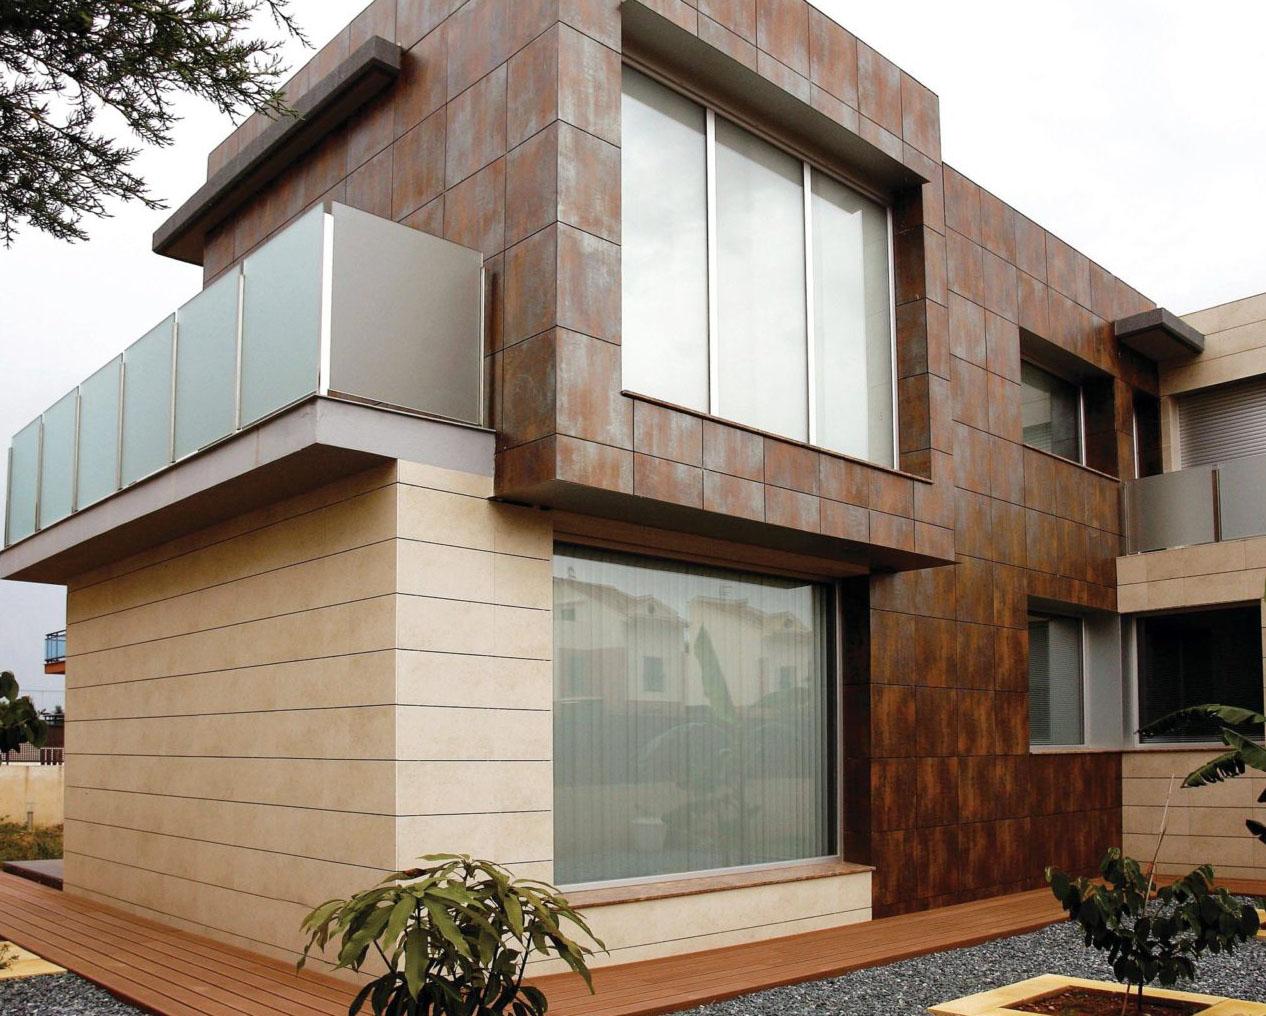 фото домов с отделкой вентилируемого фасада камнем необходимо обсушить влаги